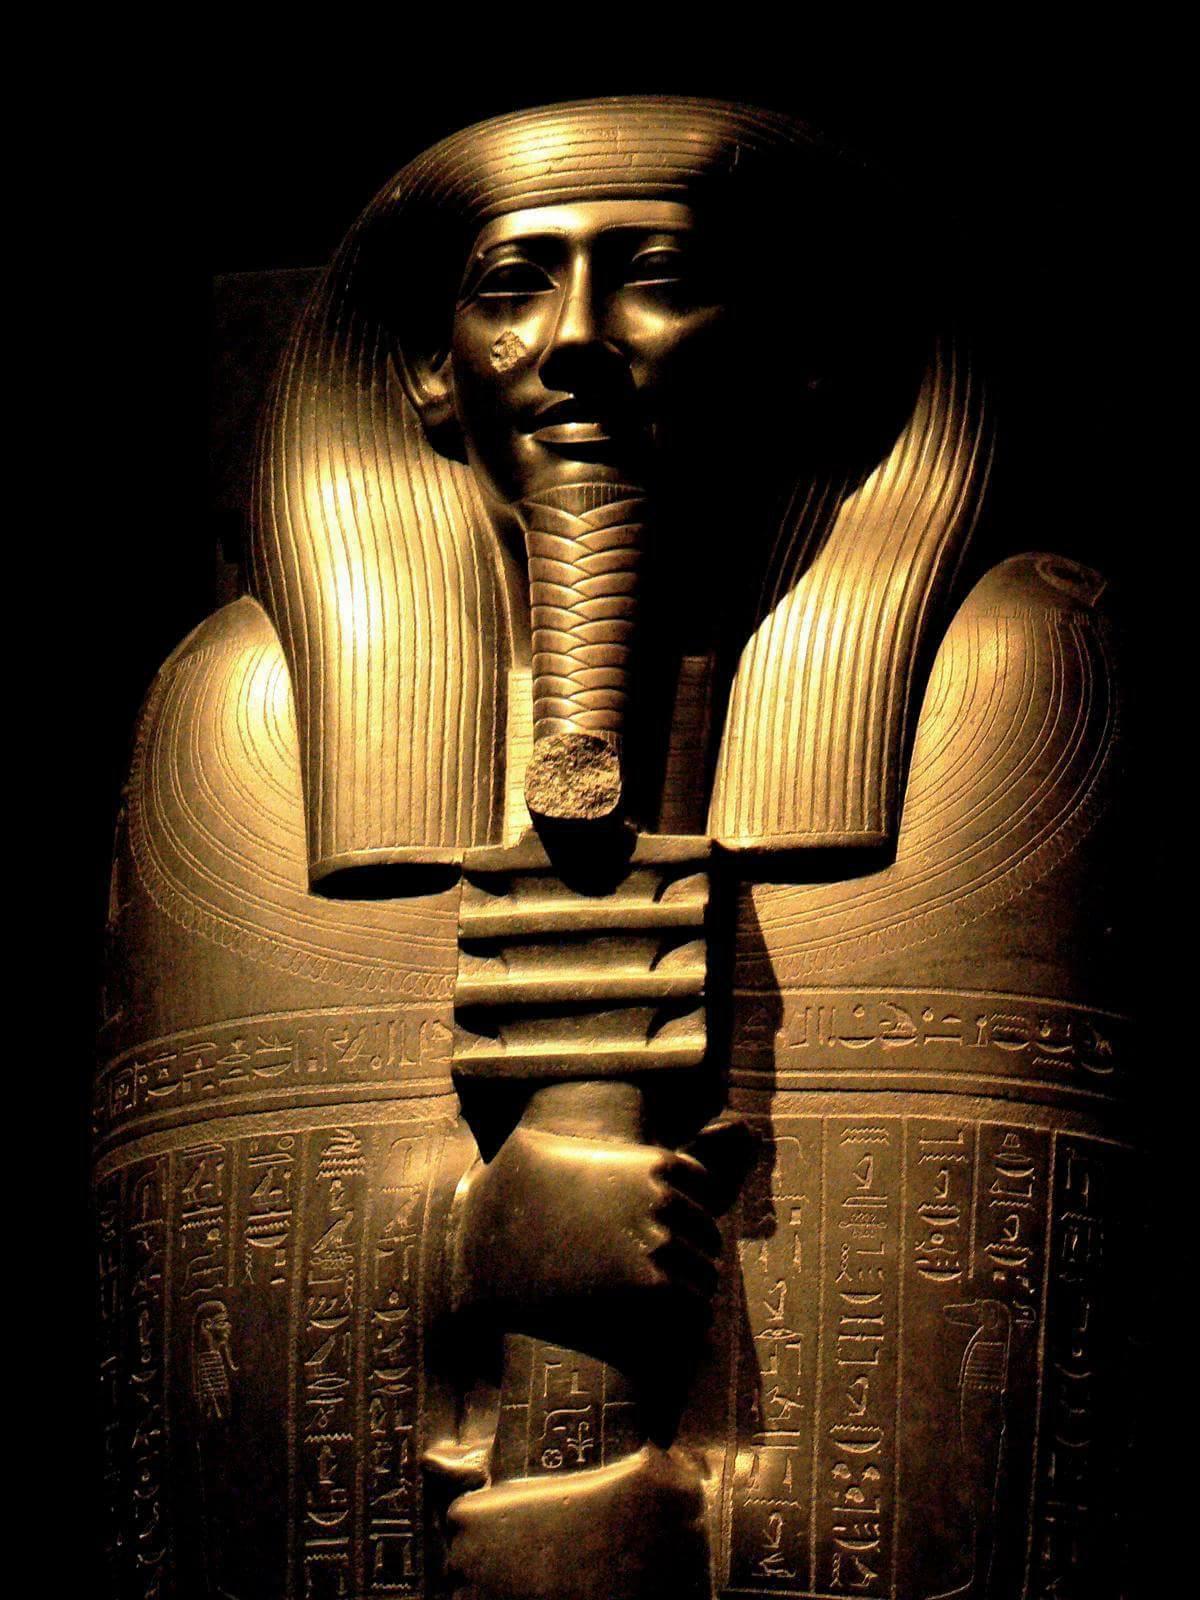 تصوير عمود (جد) ورمزيتها في الفن المصري القديم